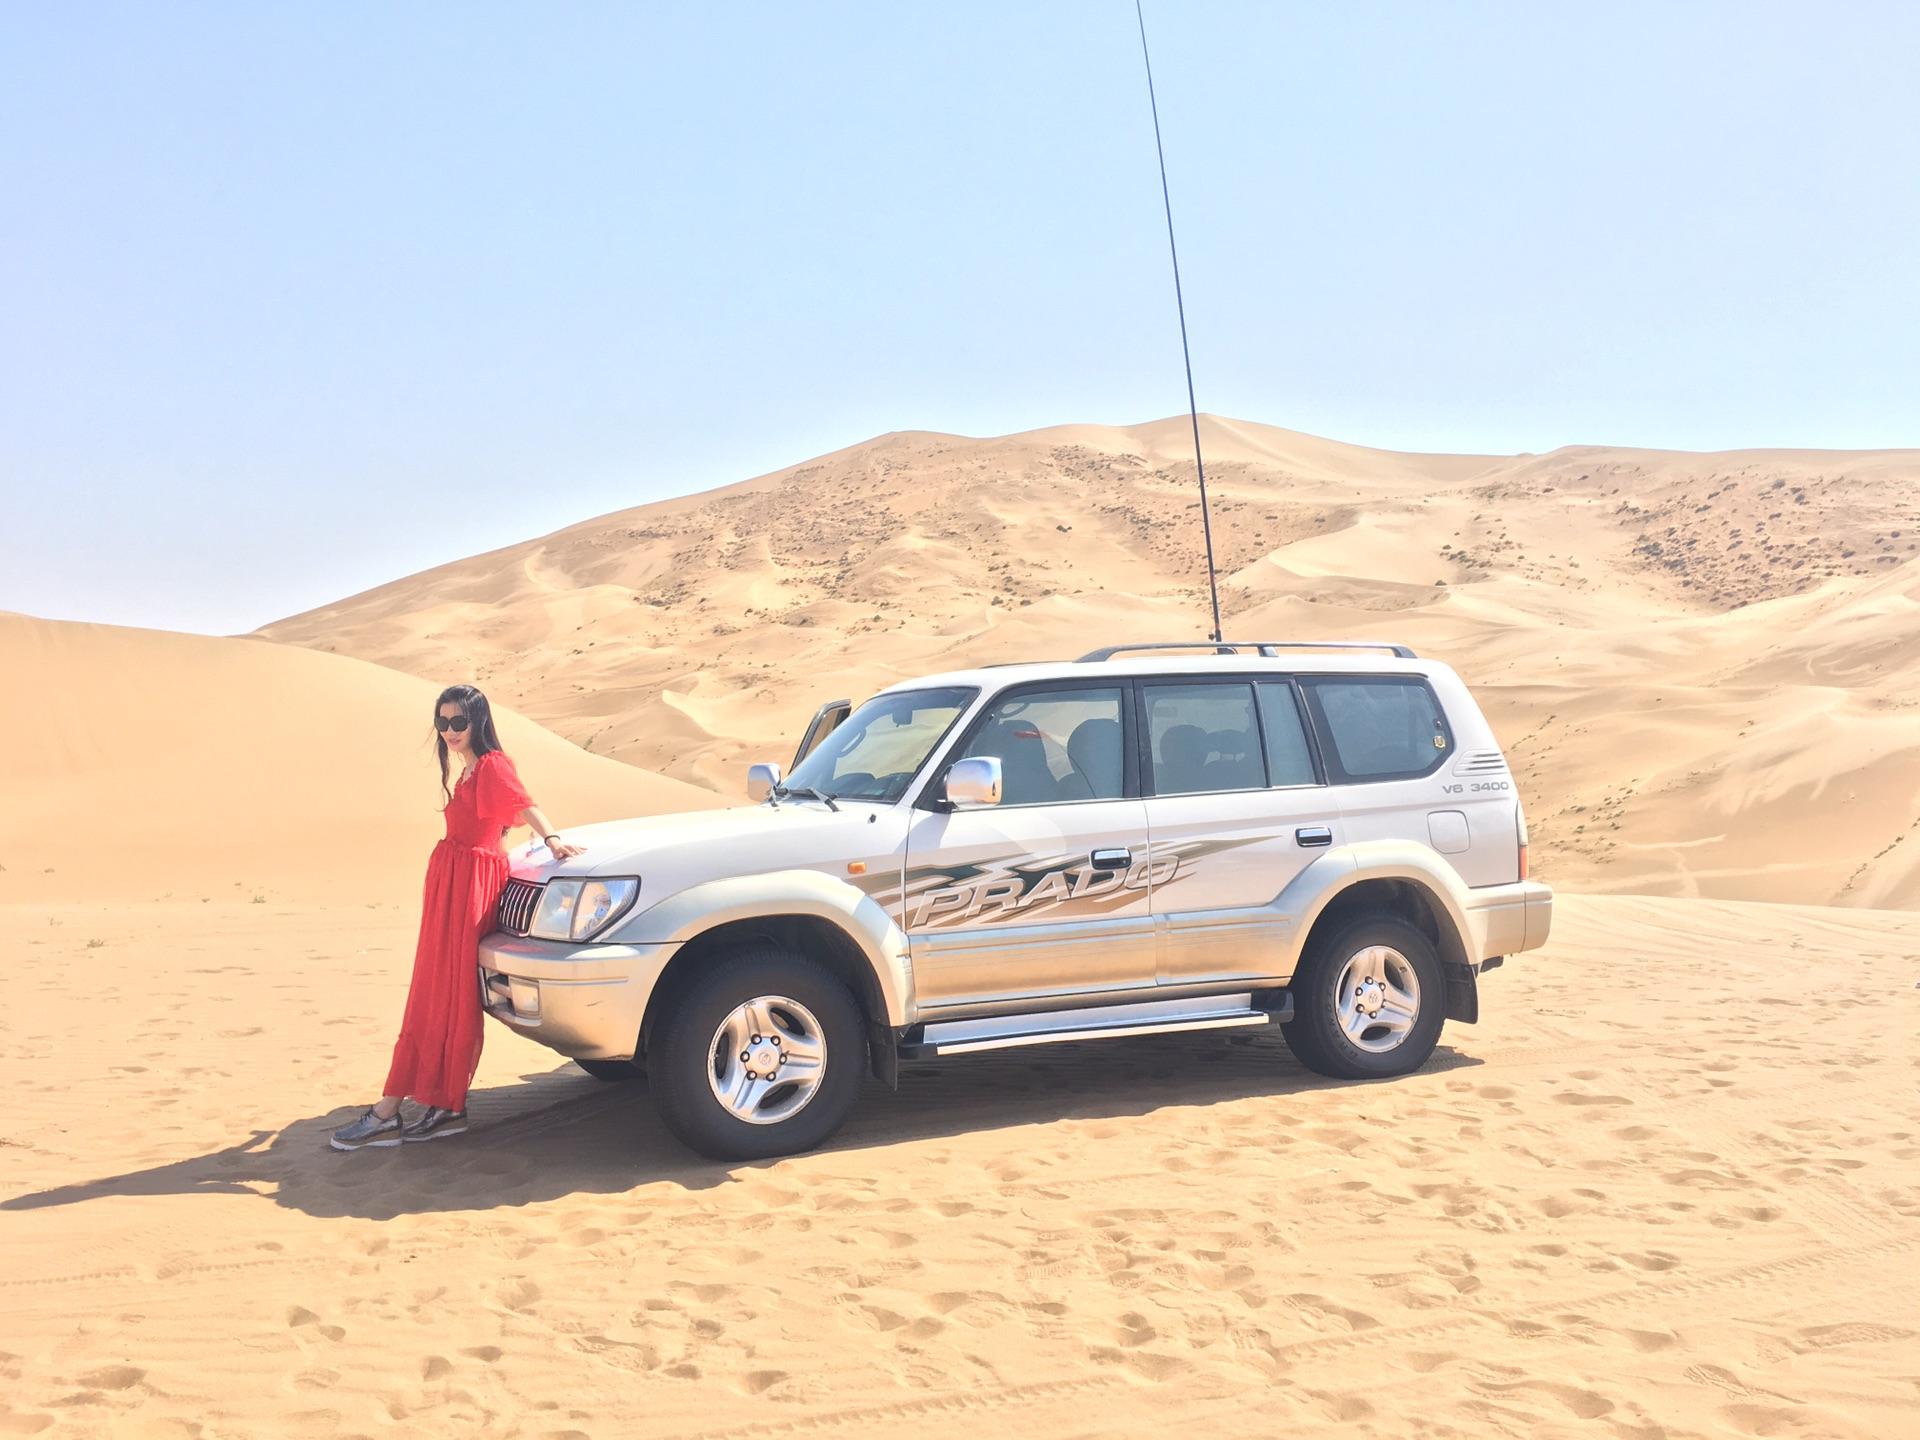 巴丹吉林沙漠,世界上最美的沙漠,没有之一